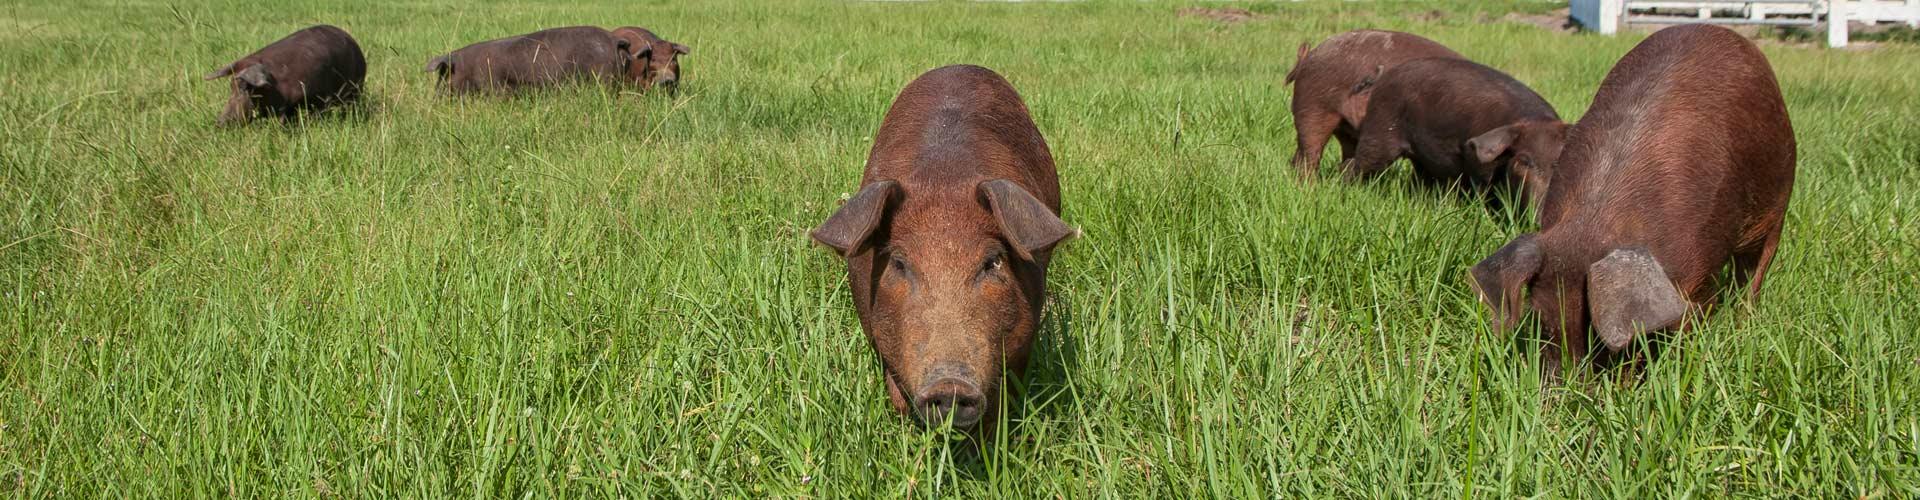 Pastured Red Wattle pig